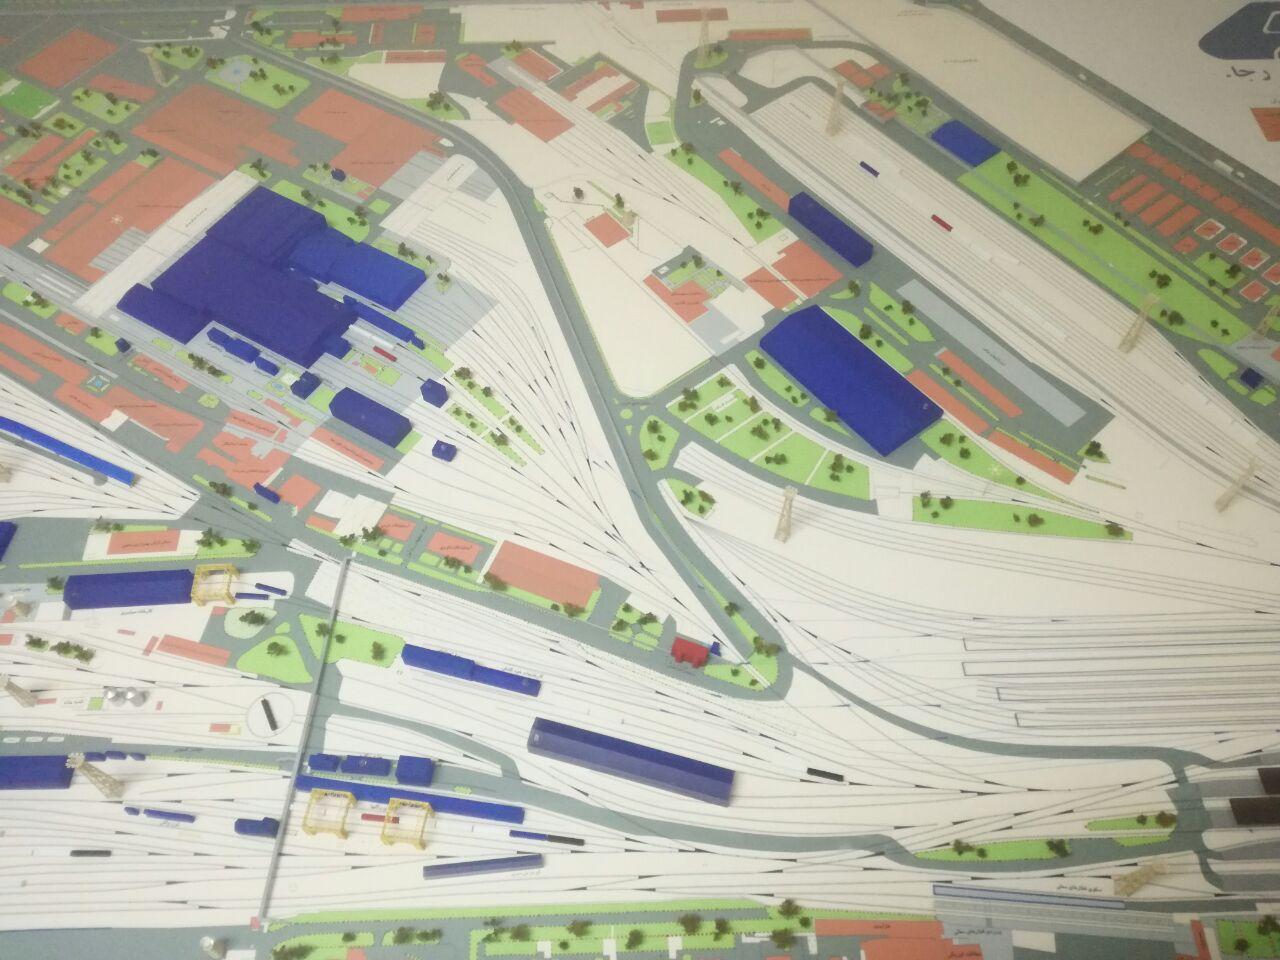 احداث پارکینگ سالنهای فرسوده در ایستگاه رودشور